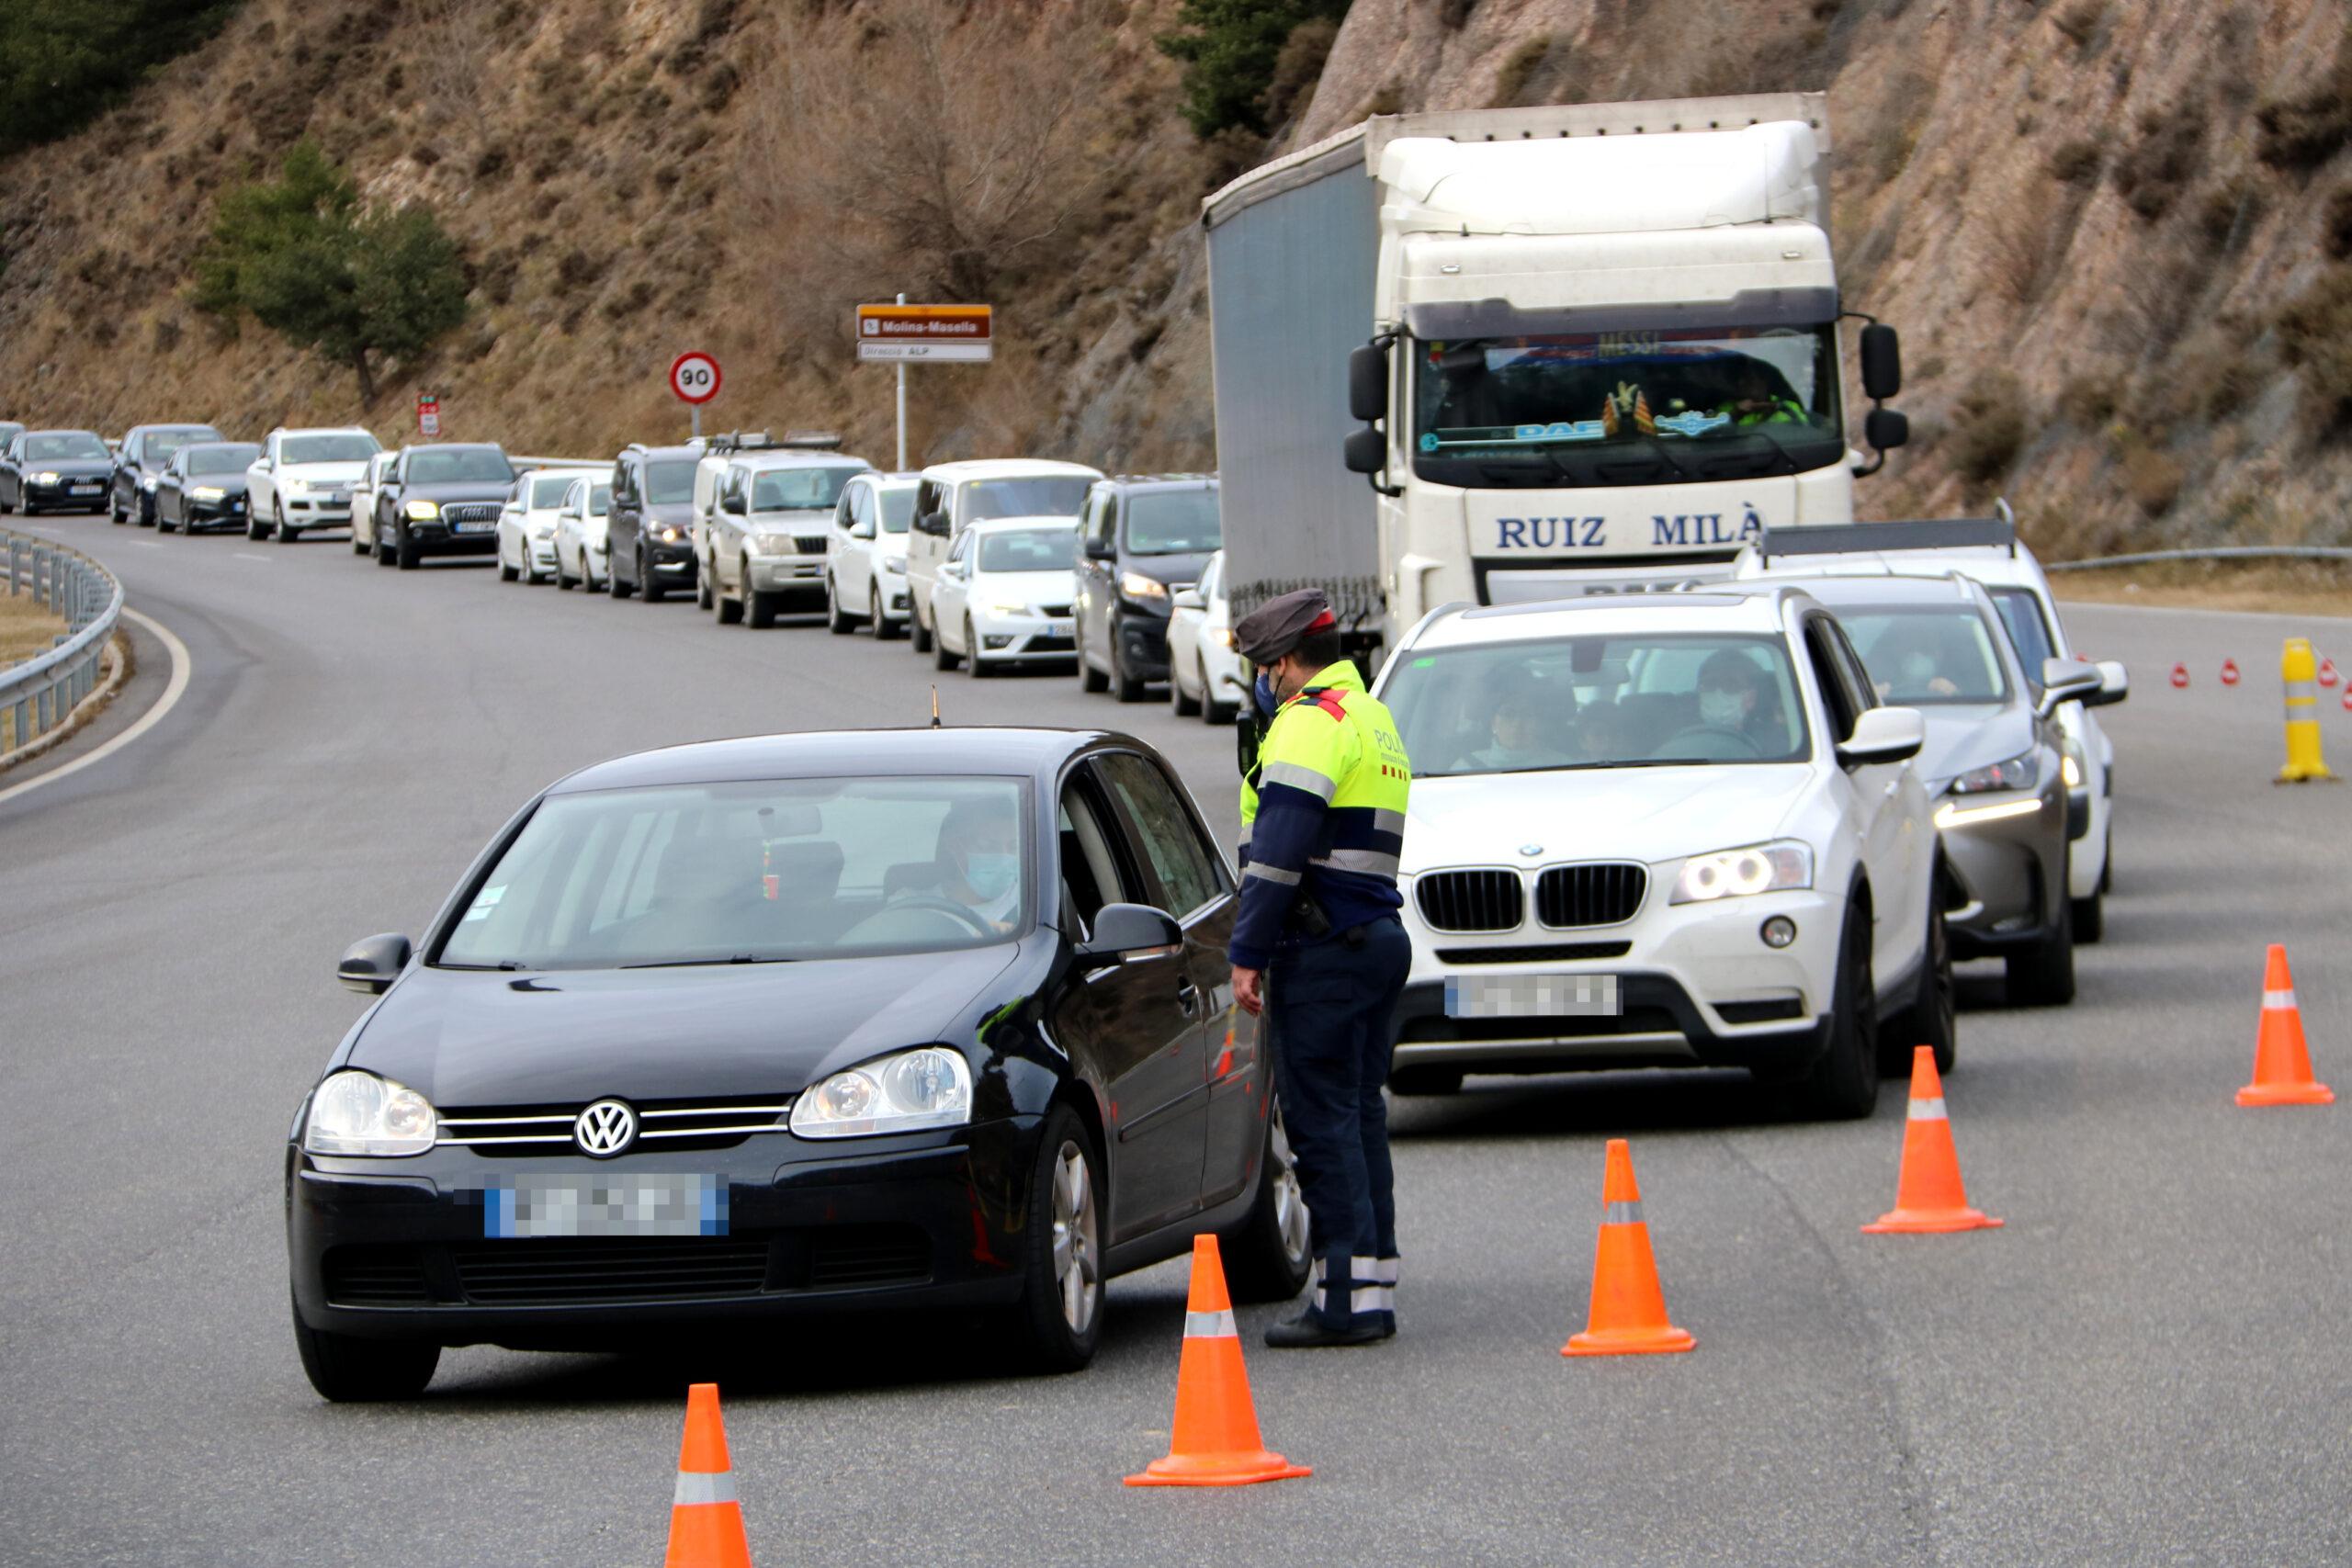 Un mosso parant un dels vehicles que accedien al túnel del Cadí (C-16) en direcció sud i la cua de cotxes al darrere | ACN